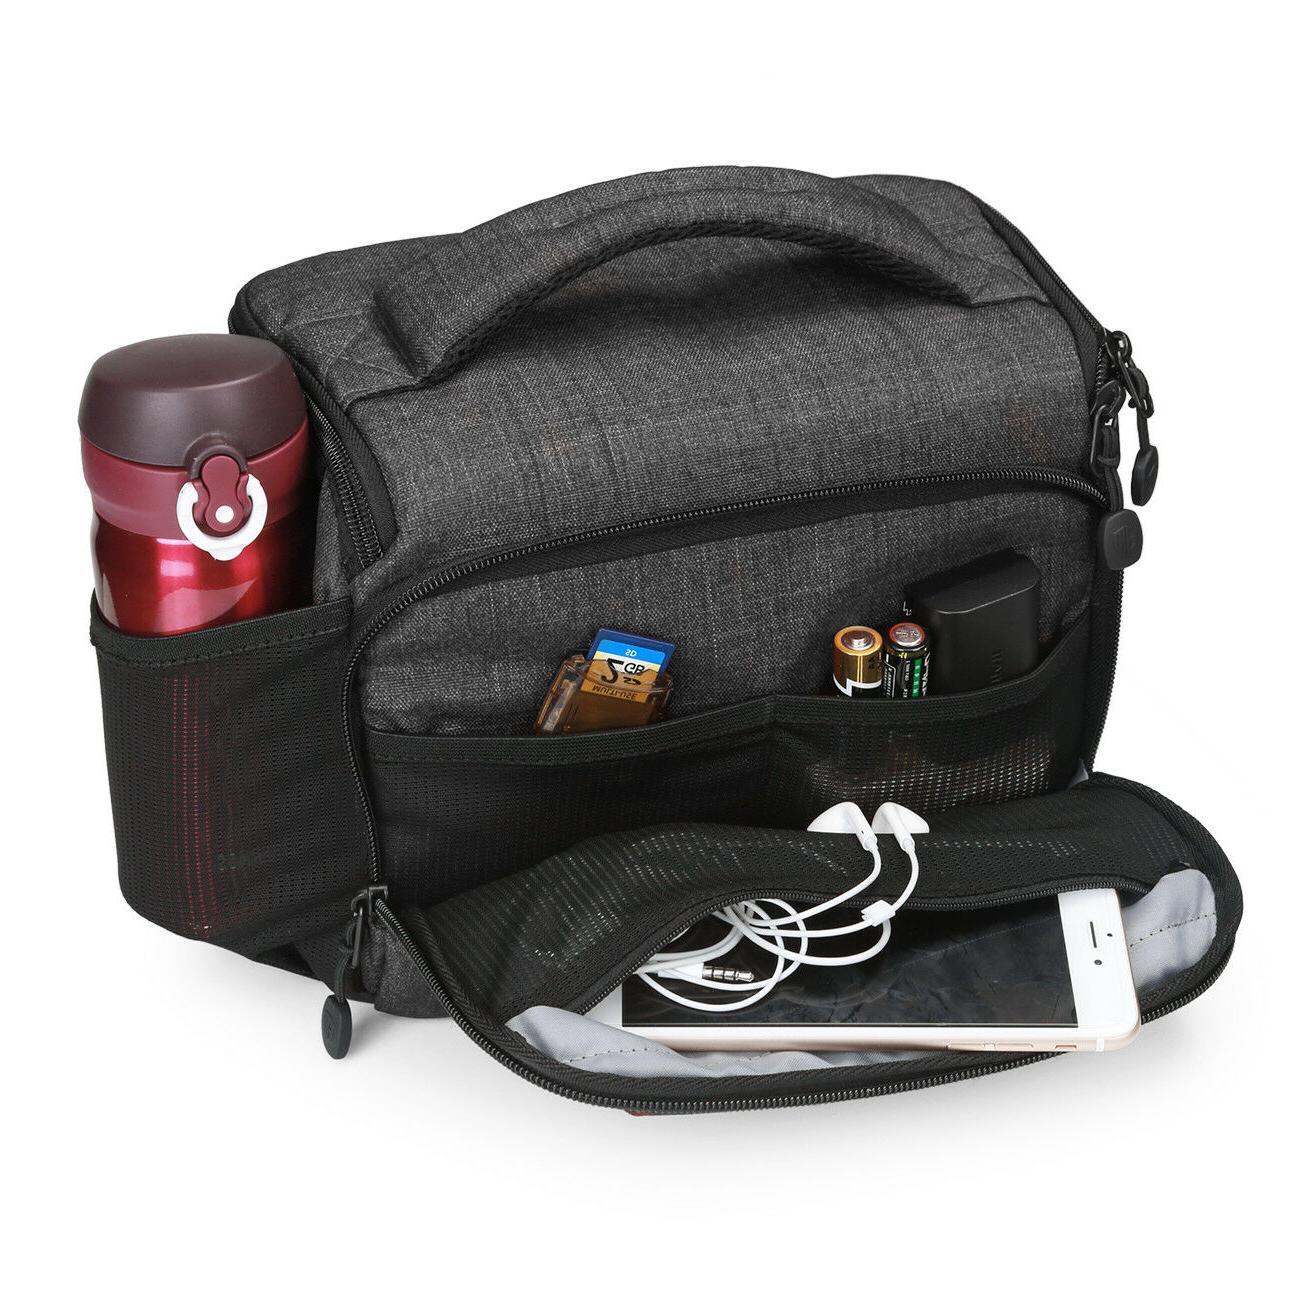 BAGSMART Camera Bag for Waterproof